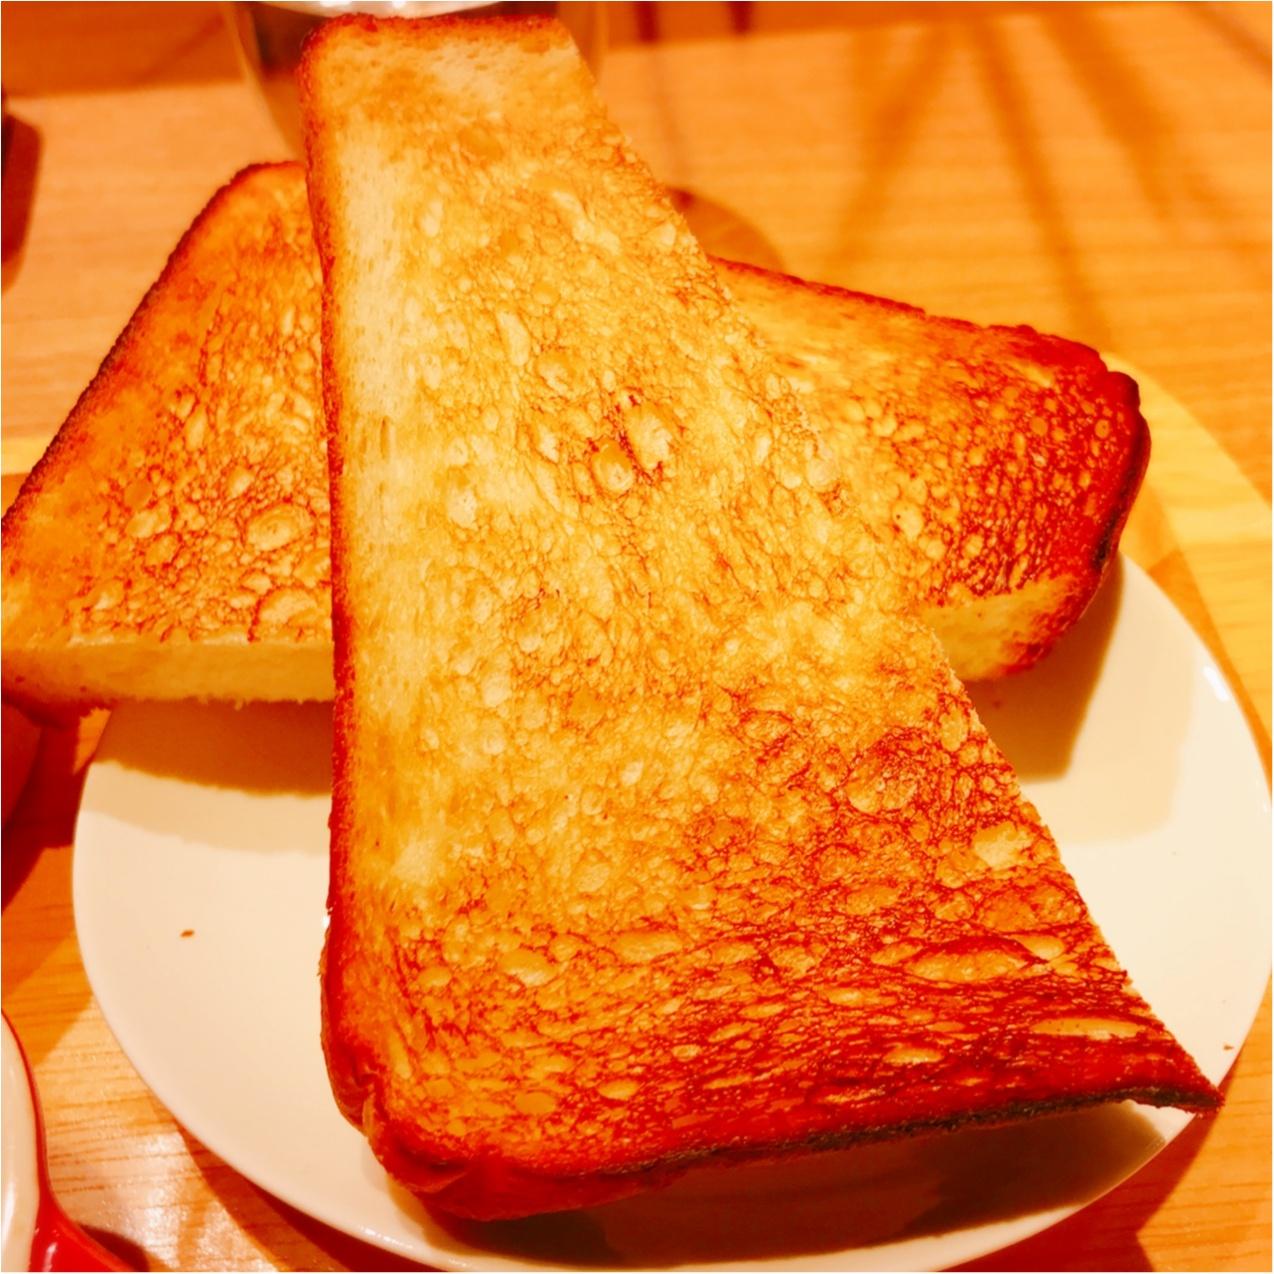 ふわっふわトーストがたまらない!【俺のBakery&Cafe】が銀座にもオープン♡_3